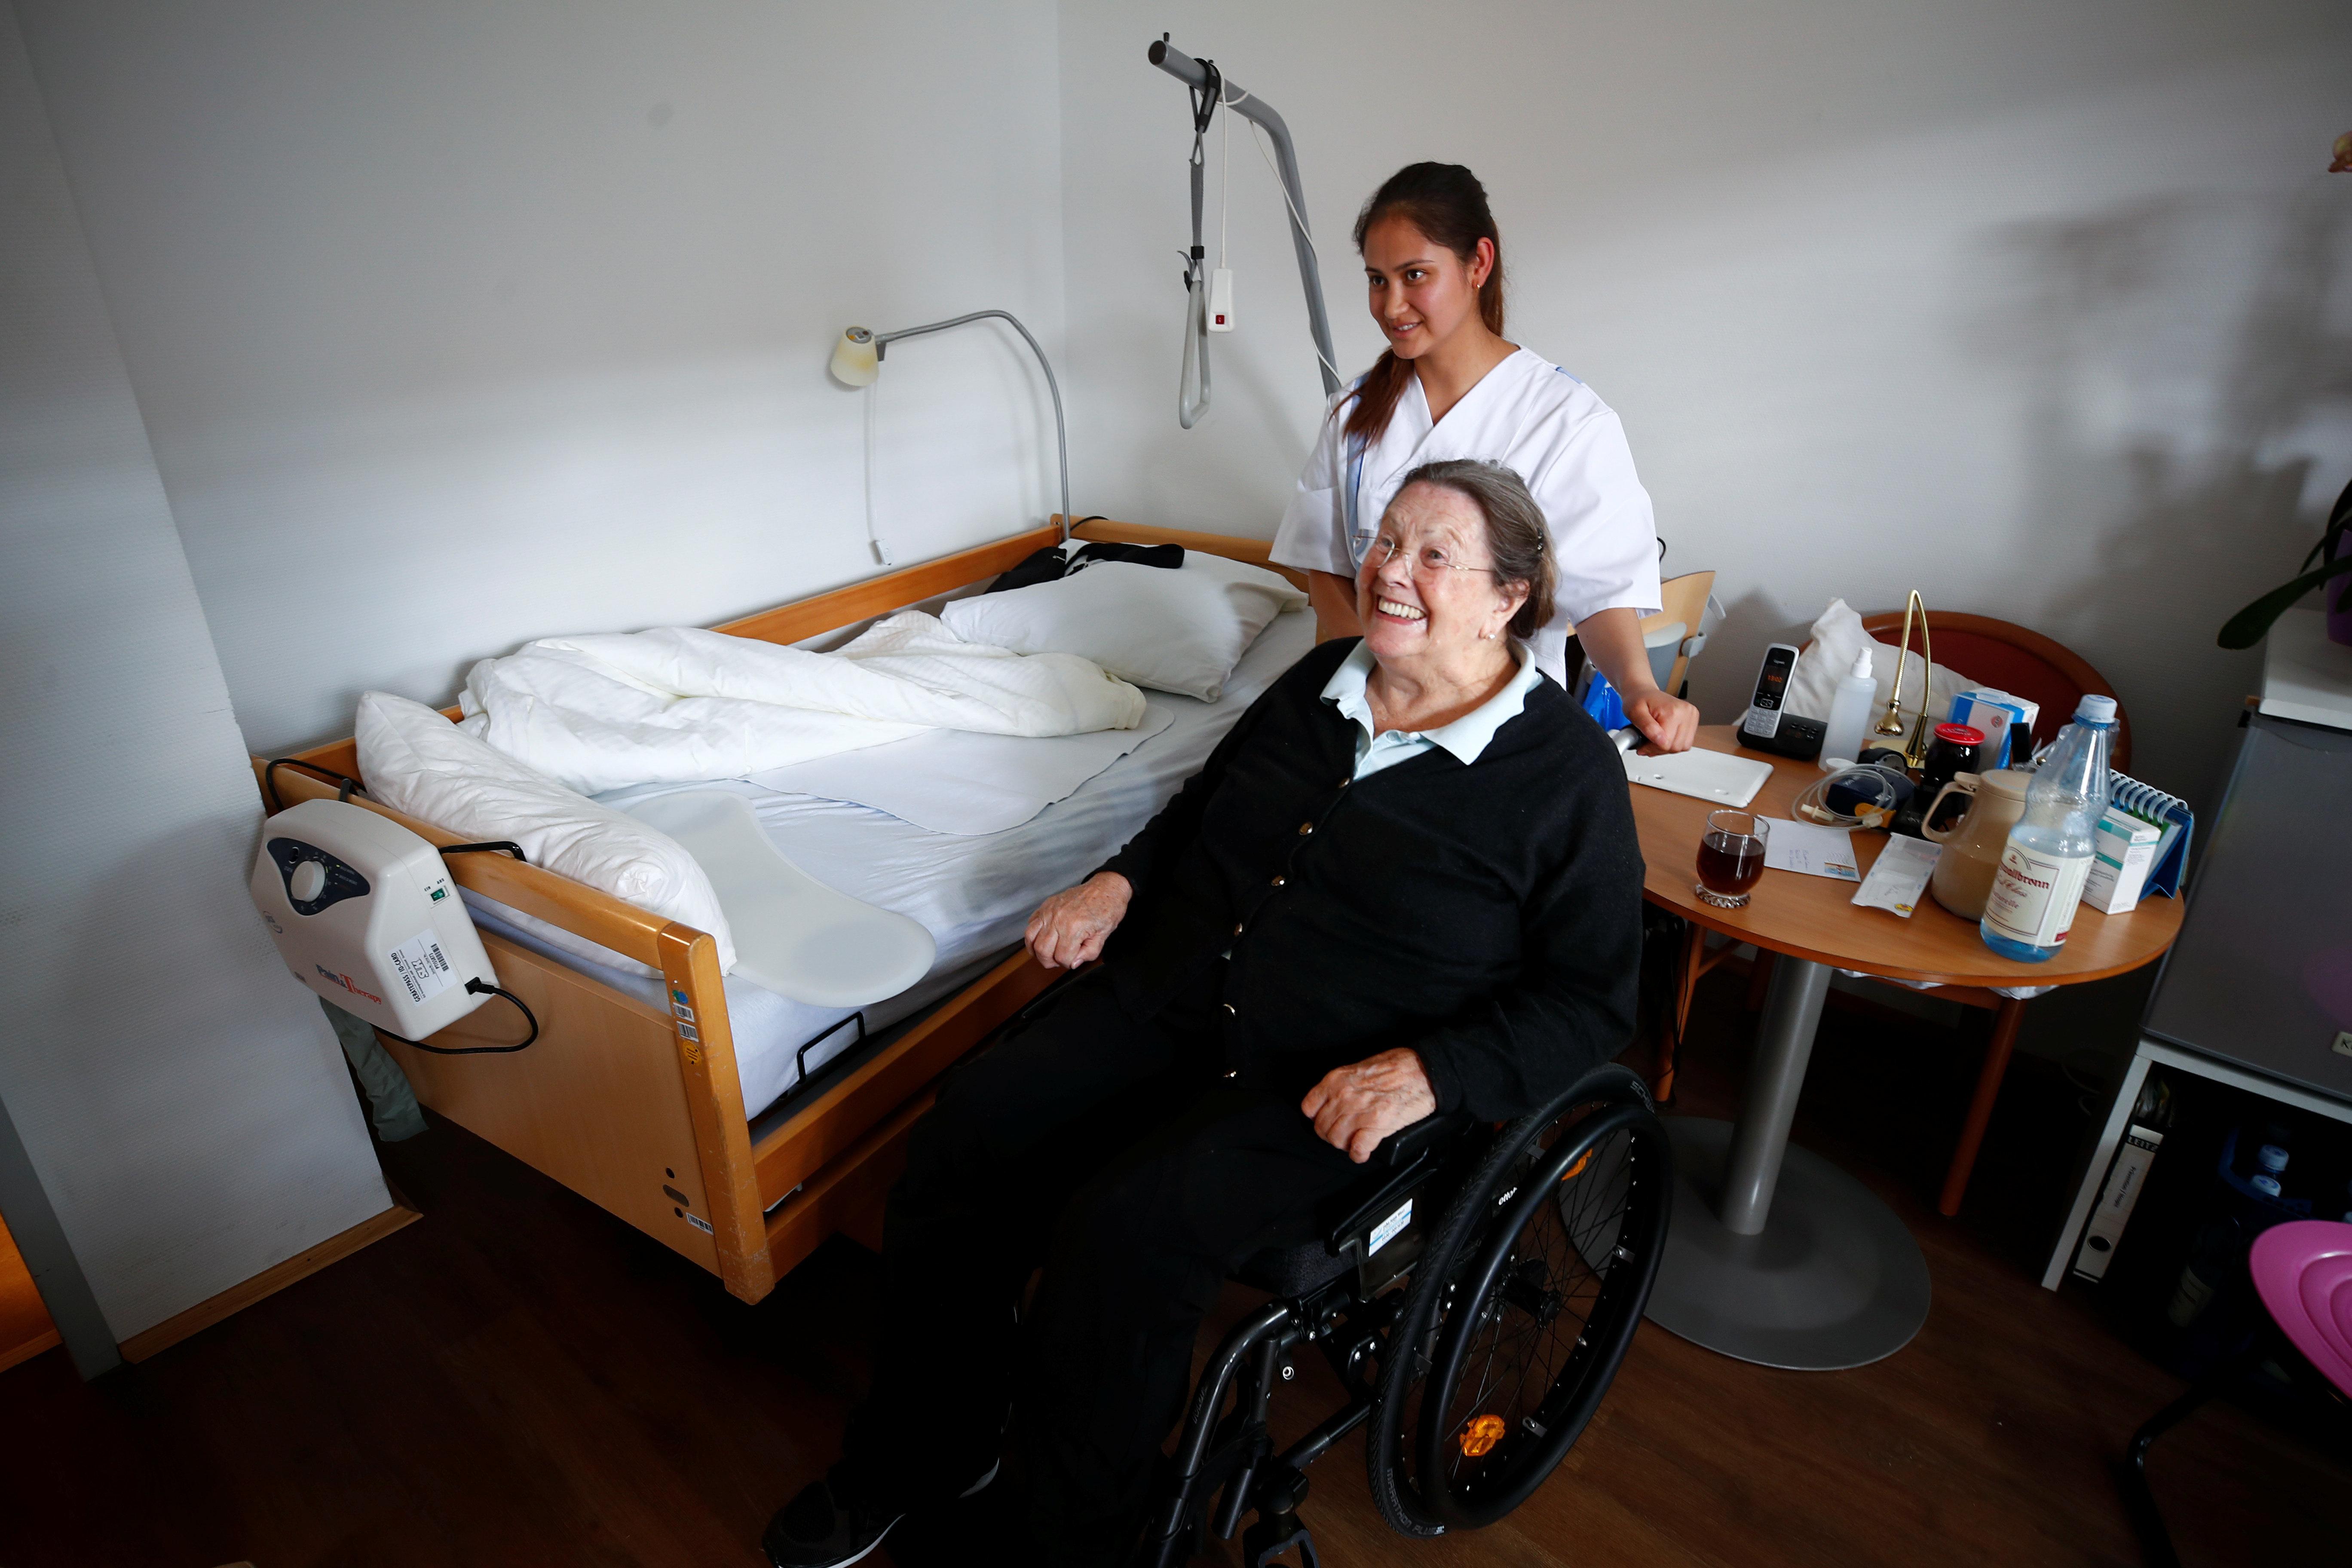 Flüchtlinge in der Pflege, funktioniert das? Ein Ortsbesuch in Vilsbiburg in